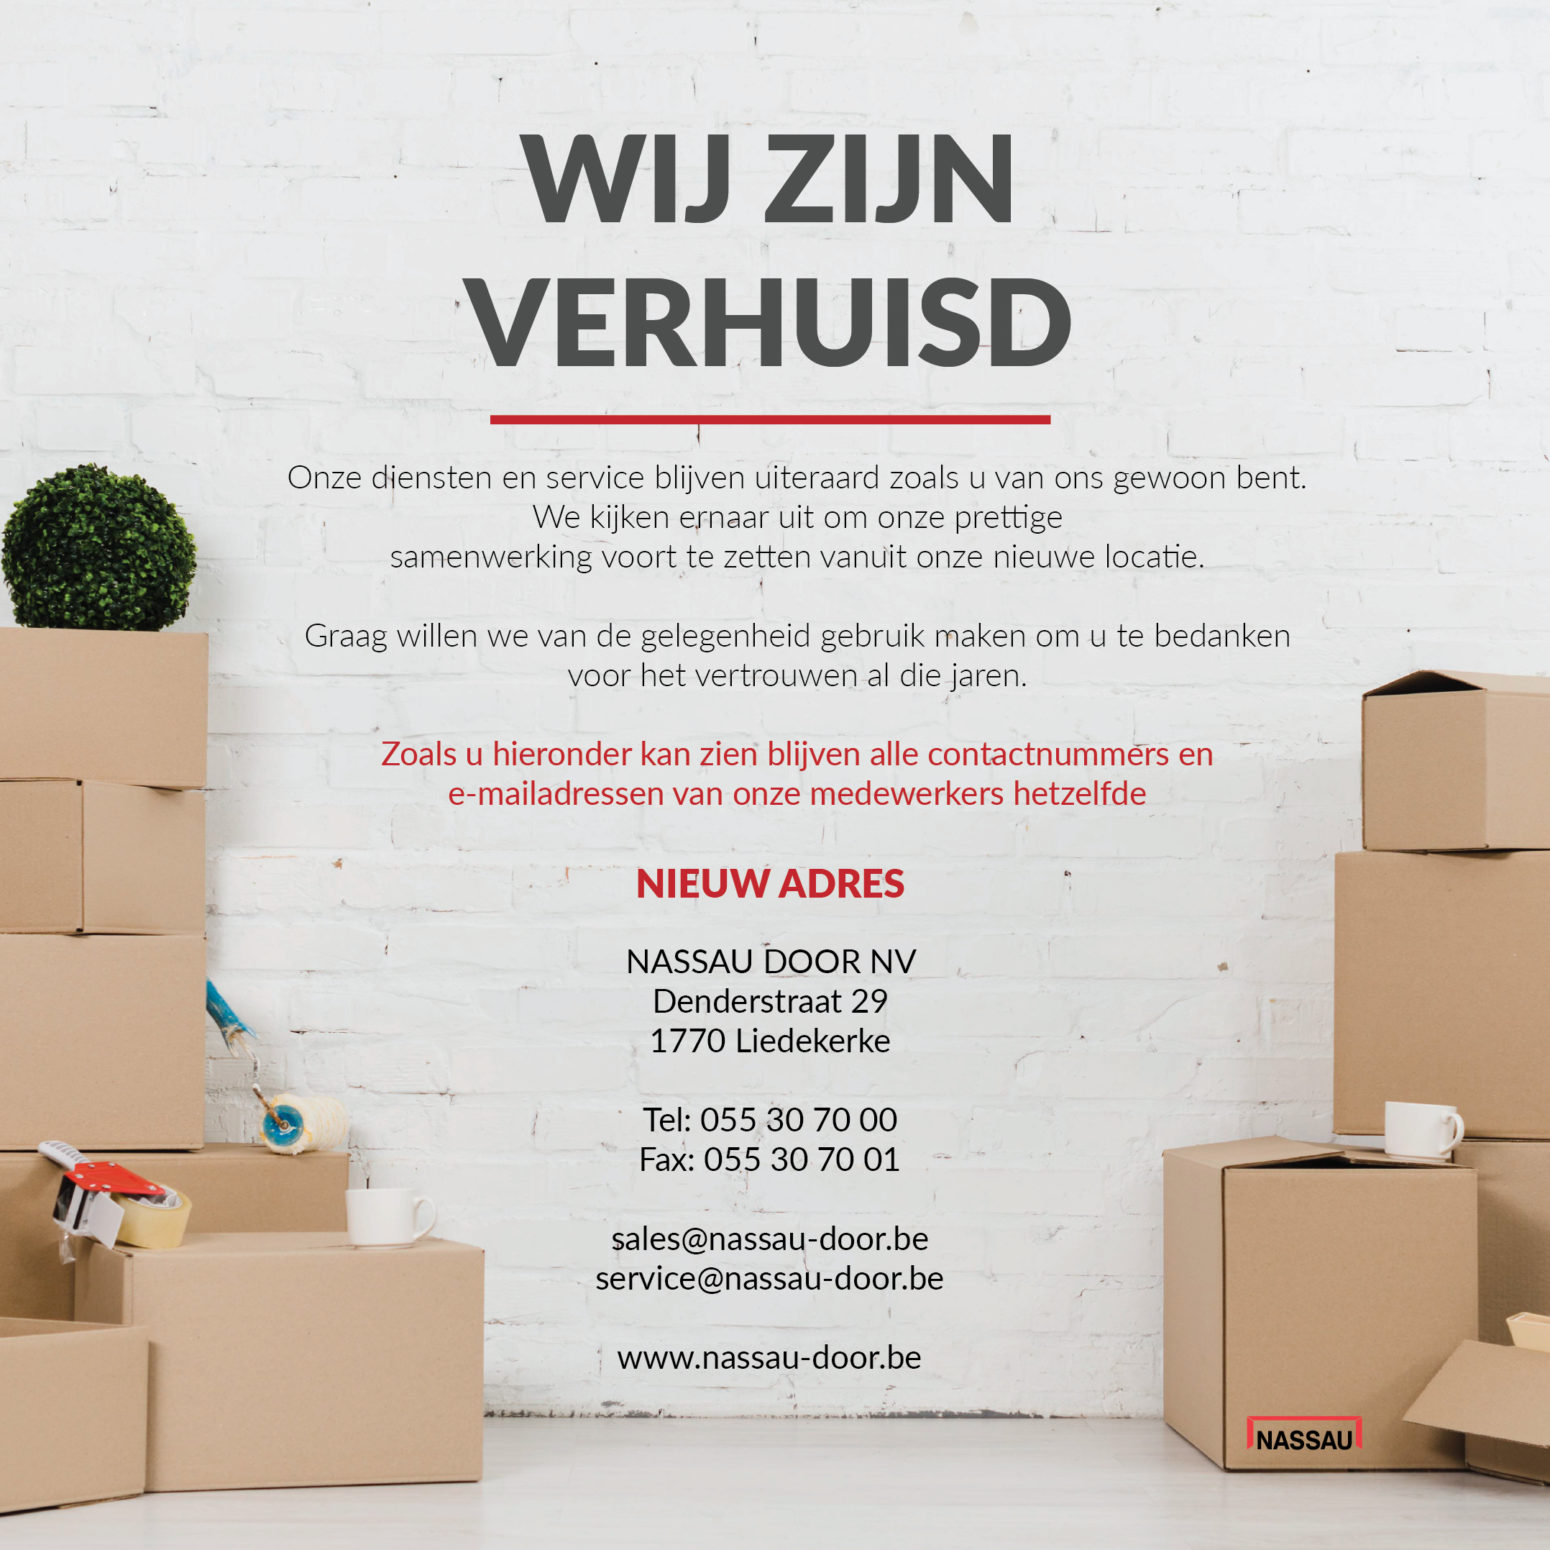 Verhuis_SOME-01-01